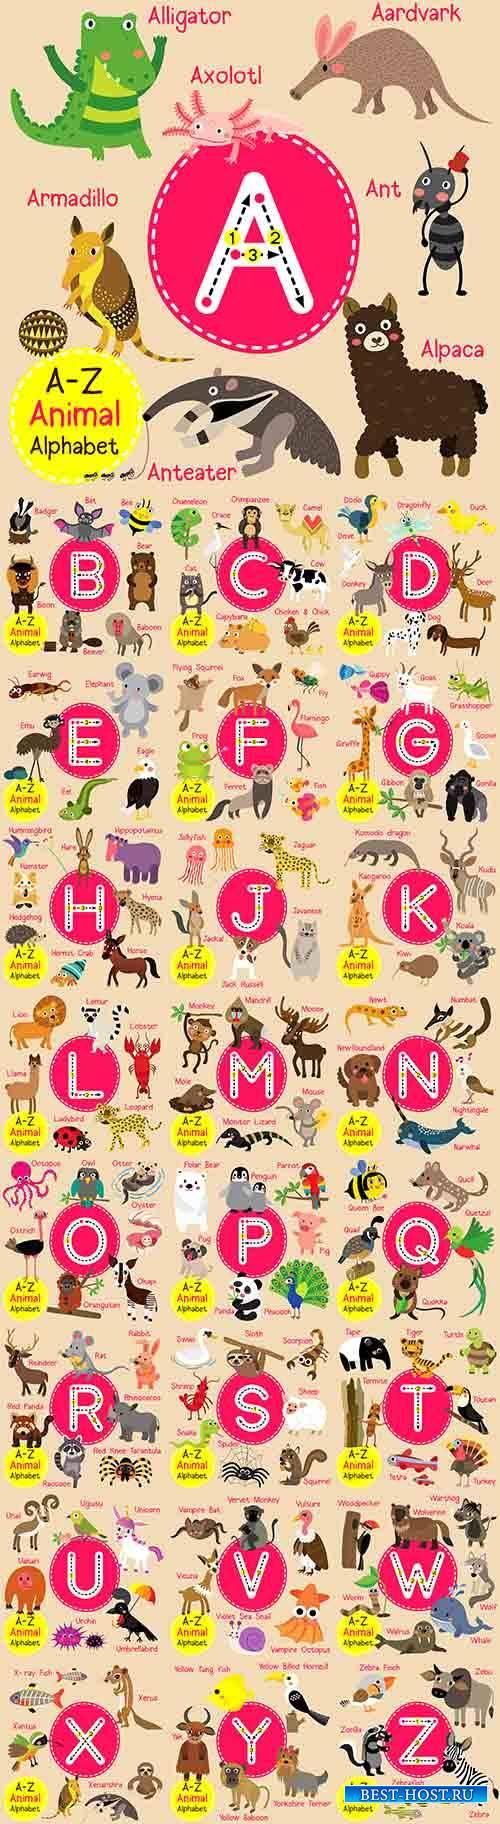 Английский алфавит в картинках - Векторный клипарт / English alphabet in pictures - Vector Graphics